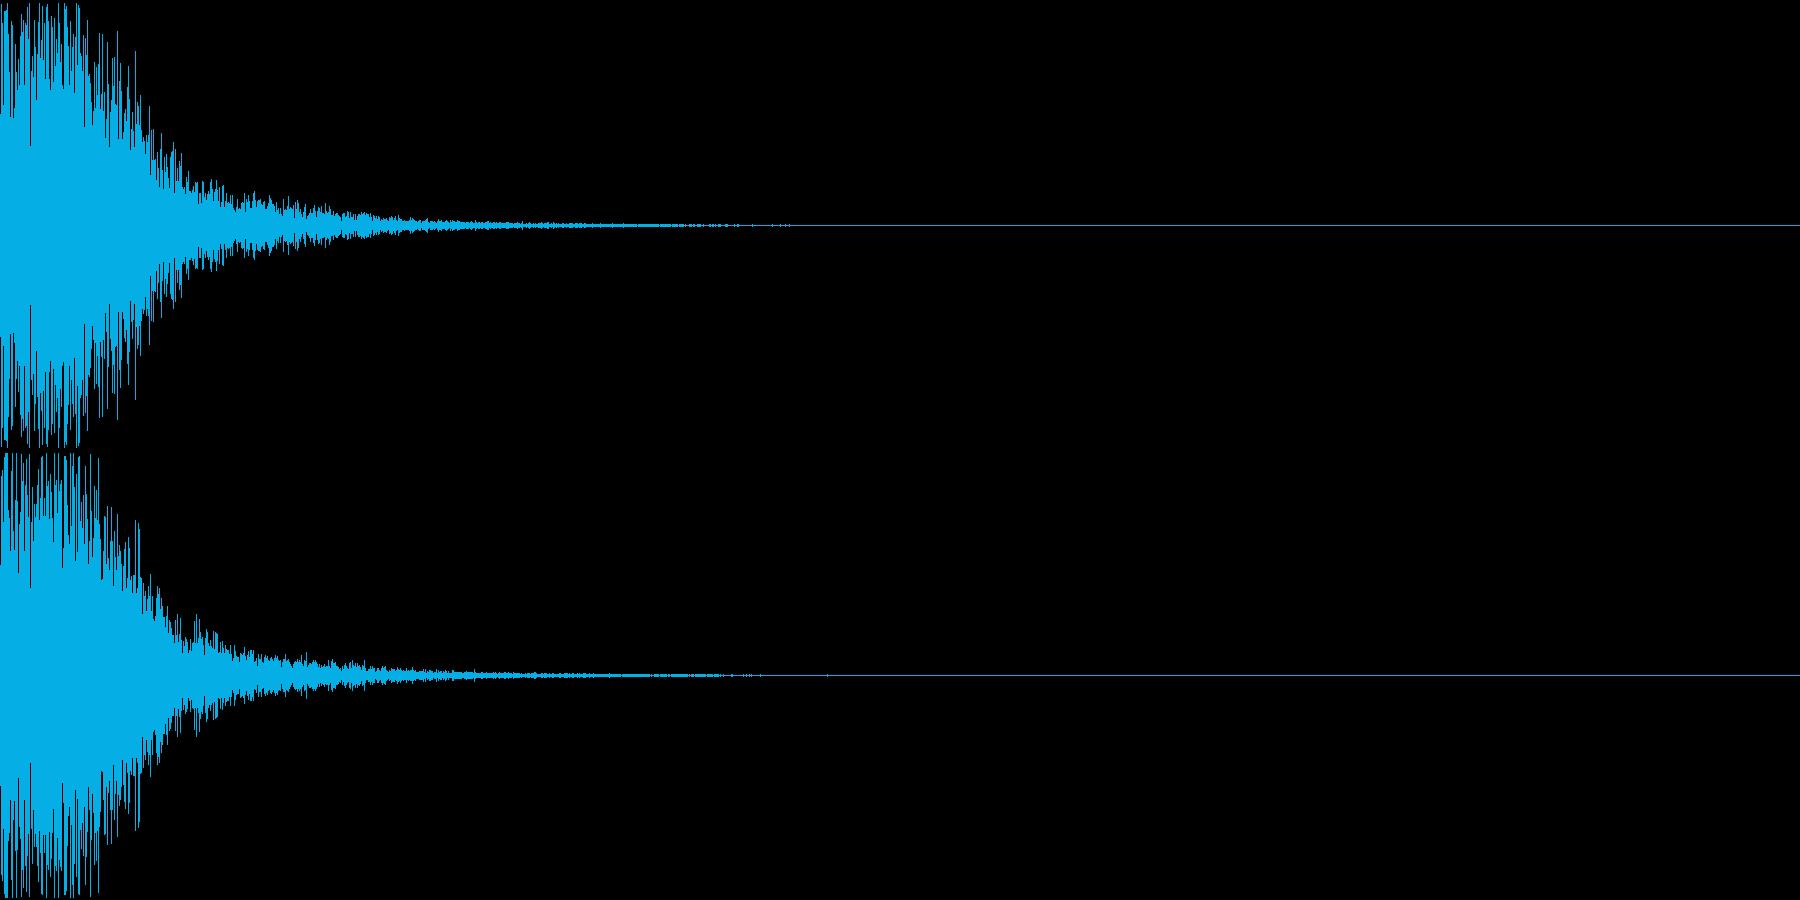 KAKUGE 格闘ゲーム戦闘音 50の再生済みの波形